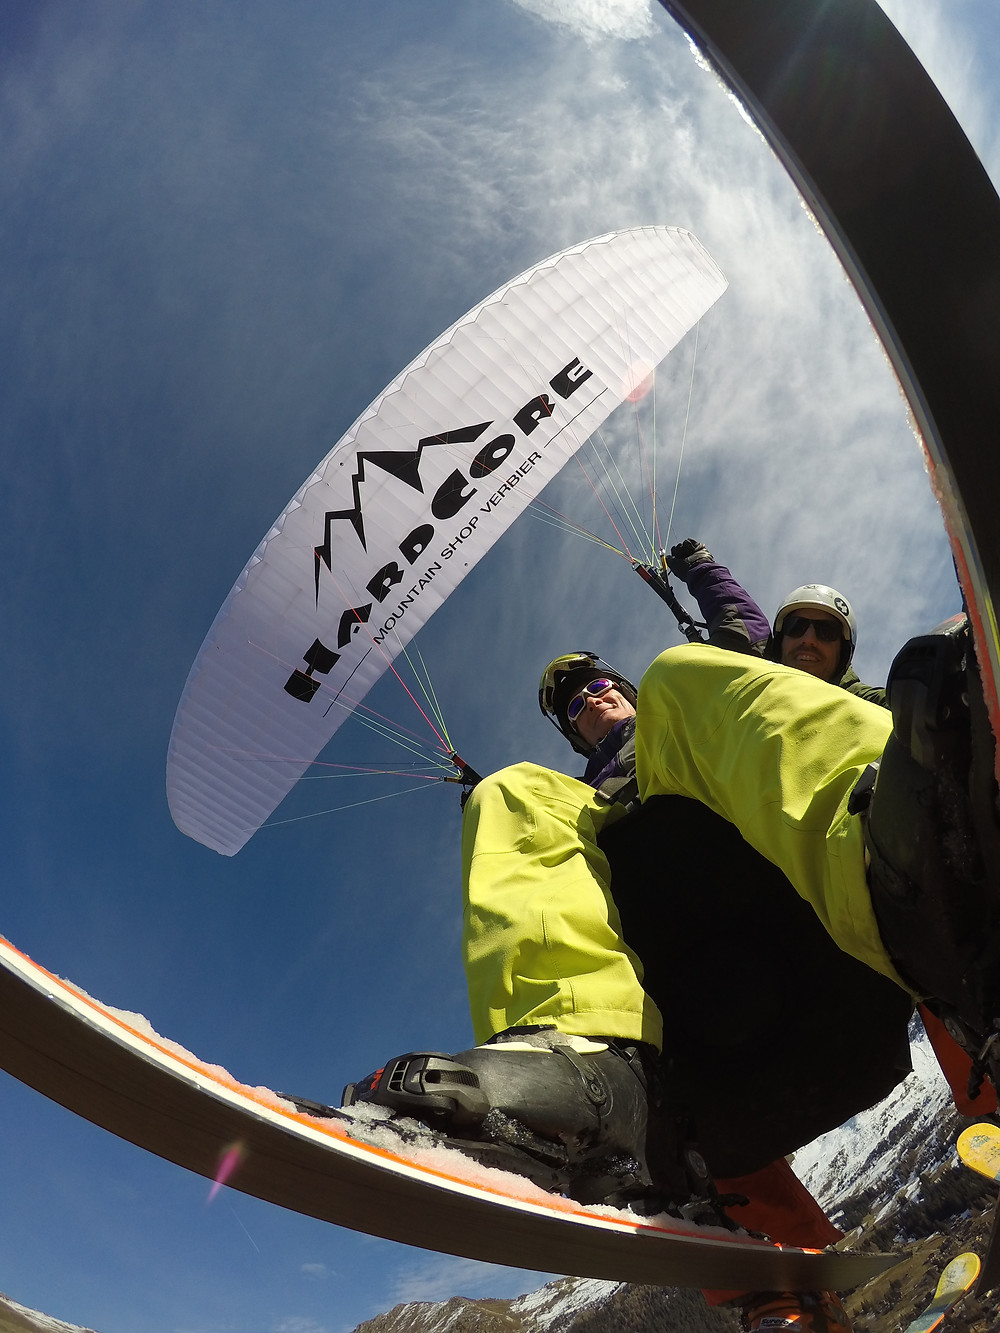 Verbier paragliding tandem flight yesterday.